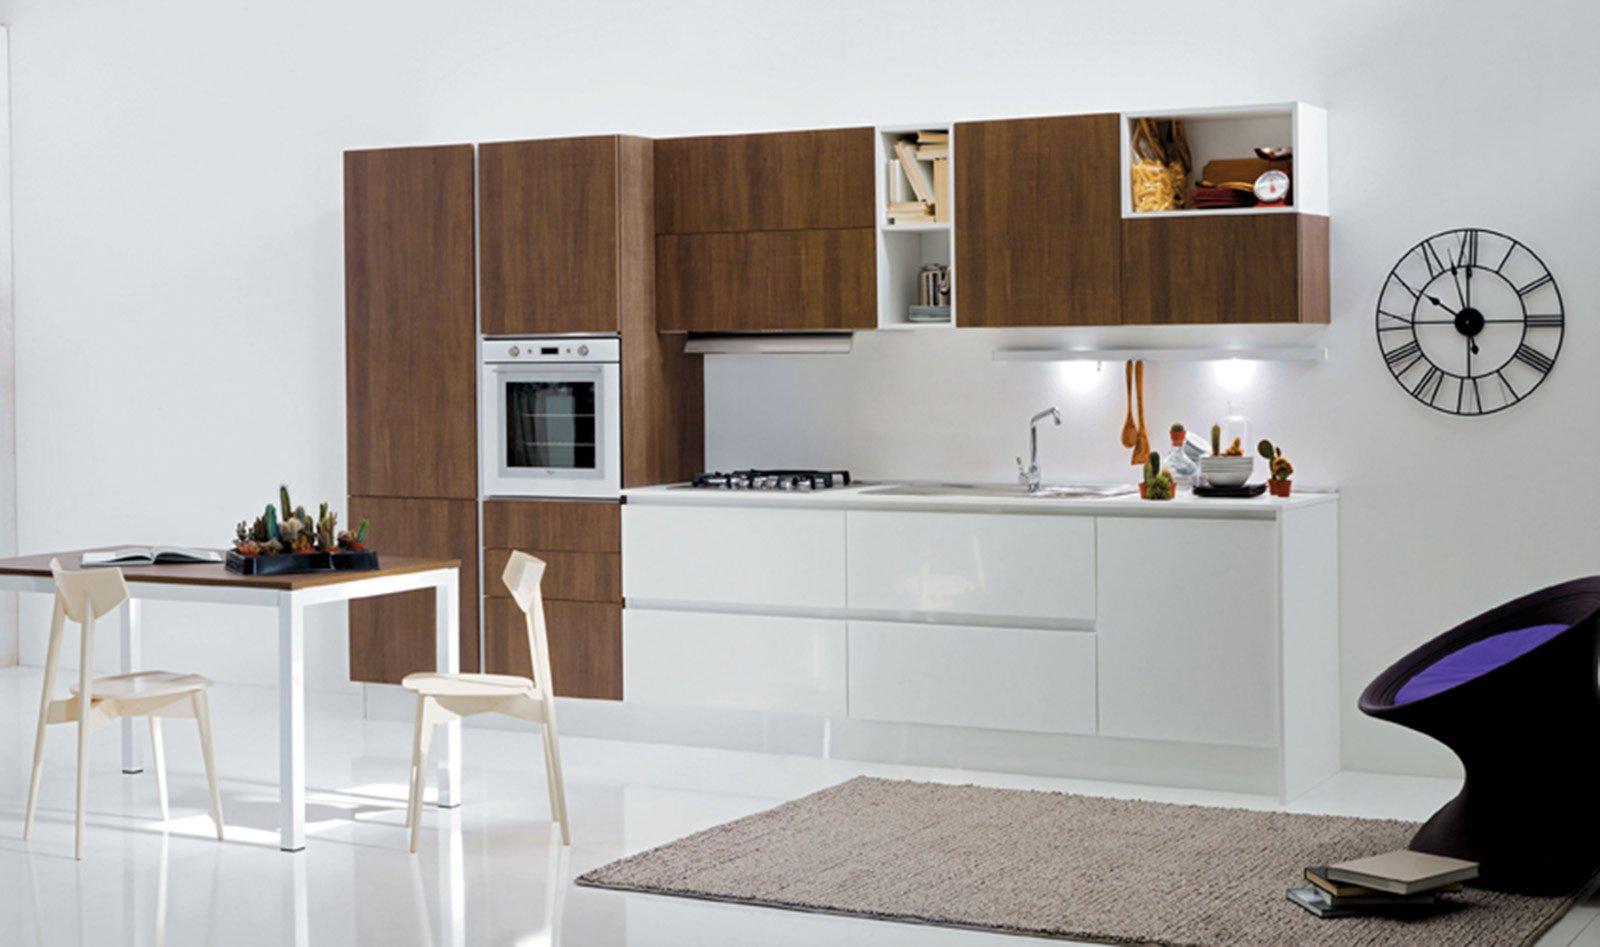 Cucine in laminato cose di casa - Cucina laminato effetto legno ...